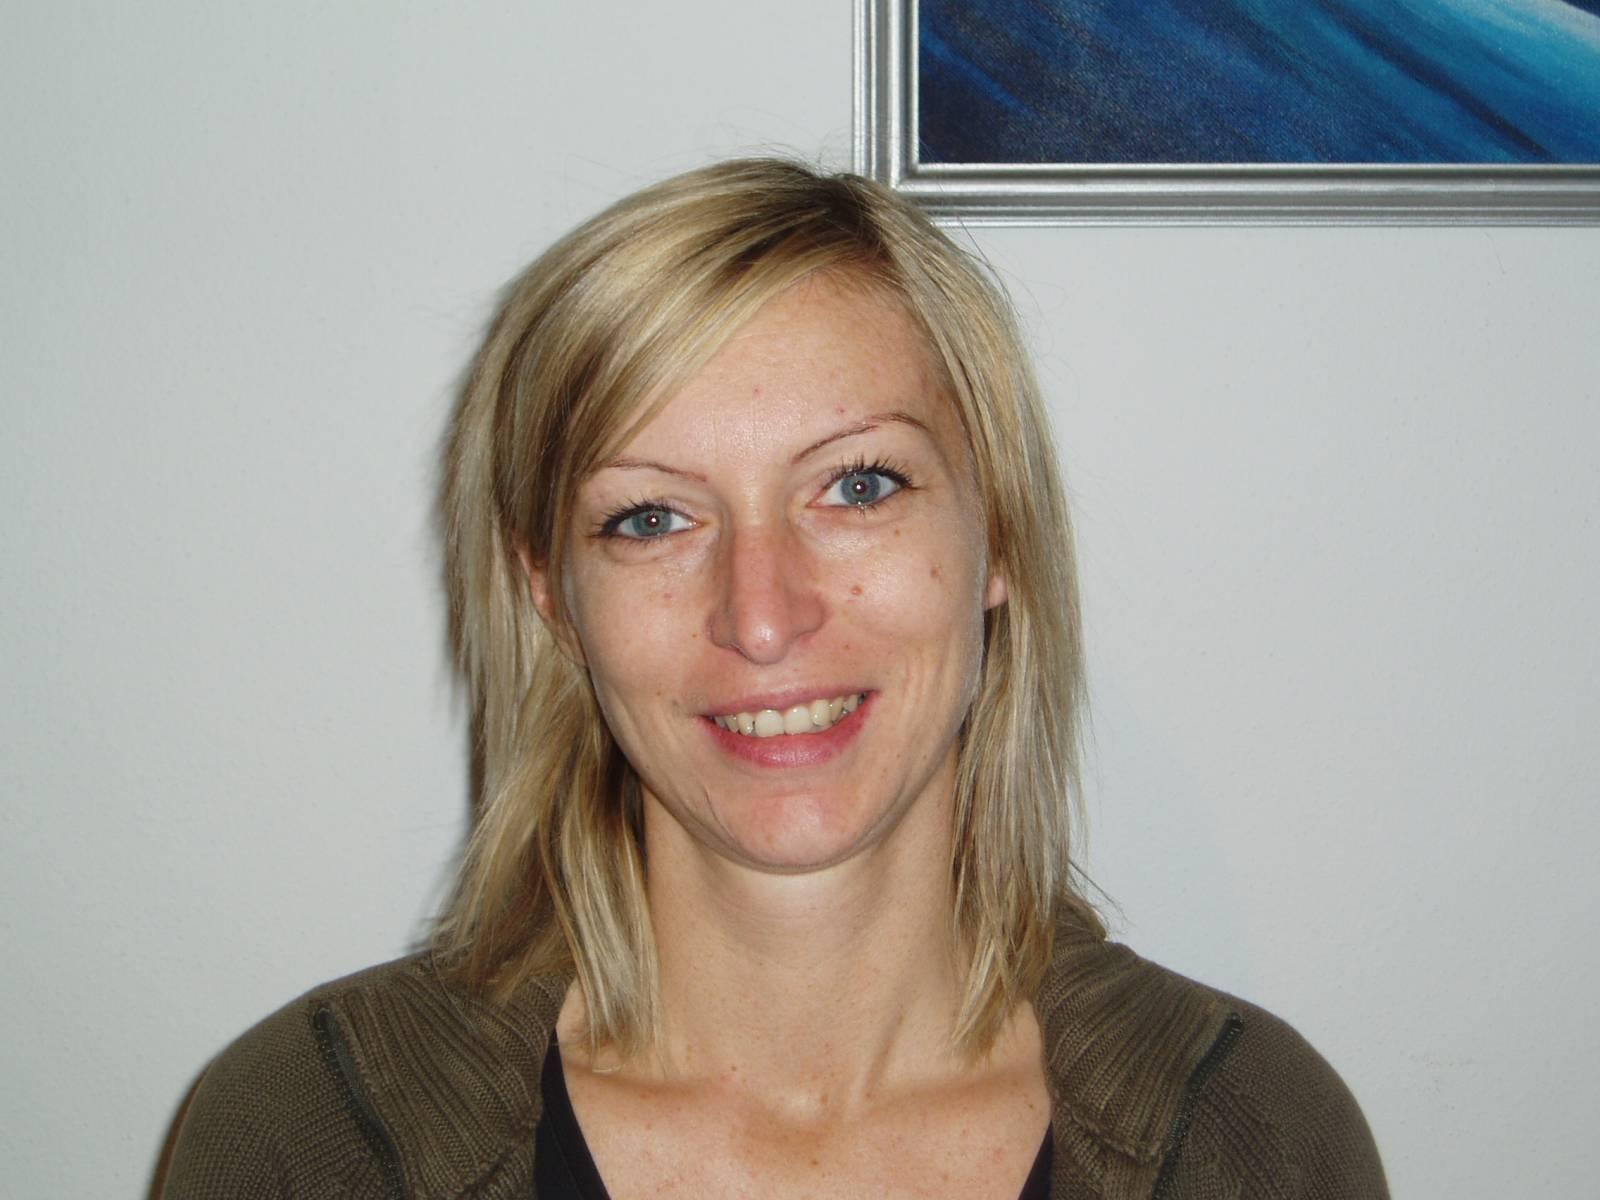 Doris Reiter